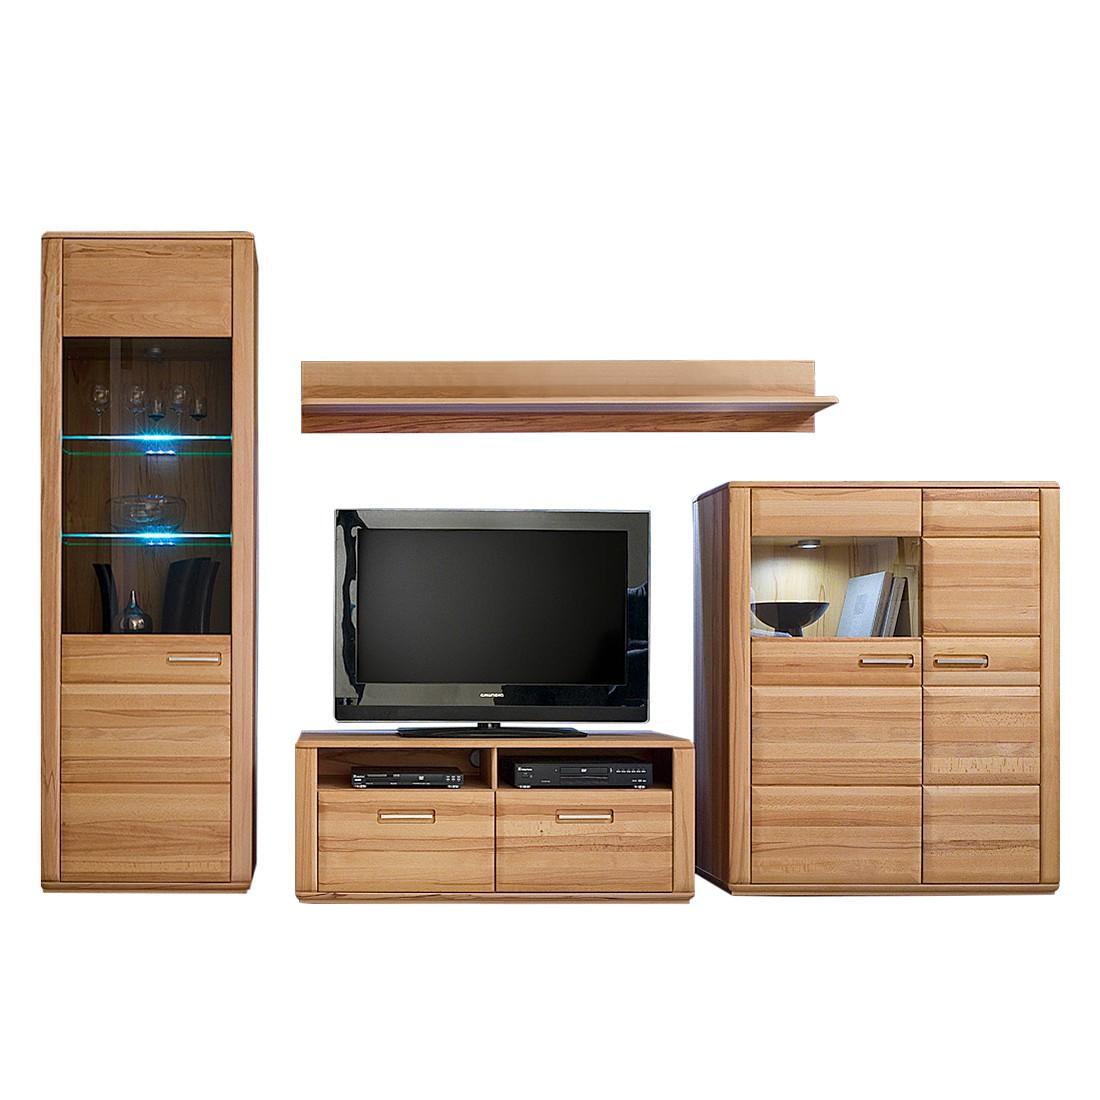 Shabby chic und modern kombinieren for Anbauwand modern wohnwand